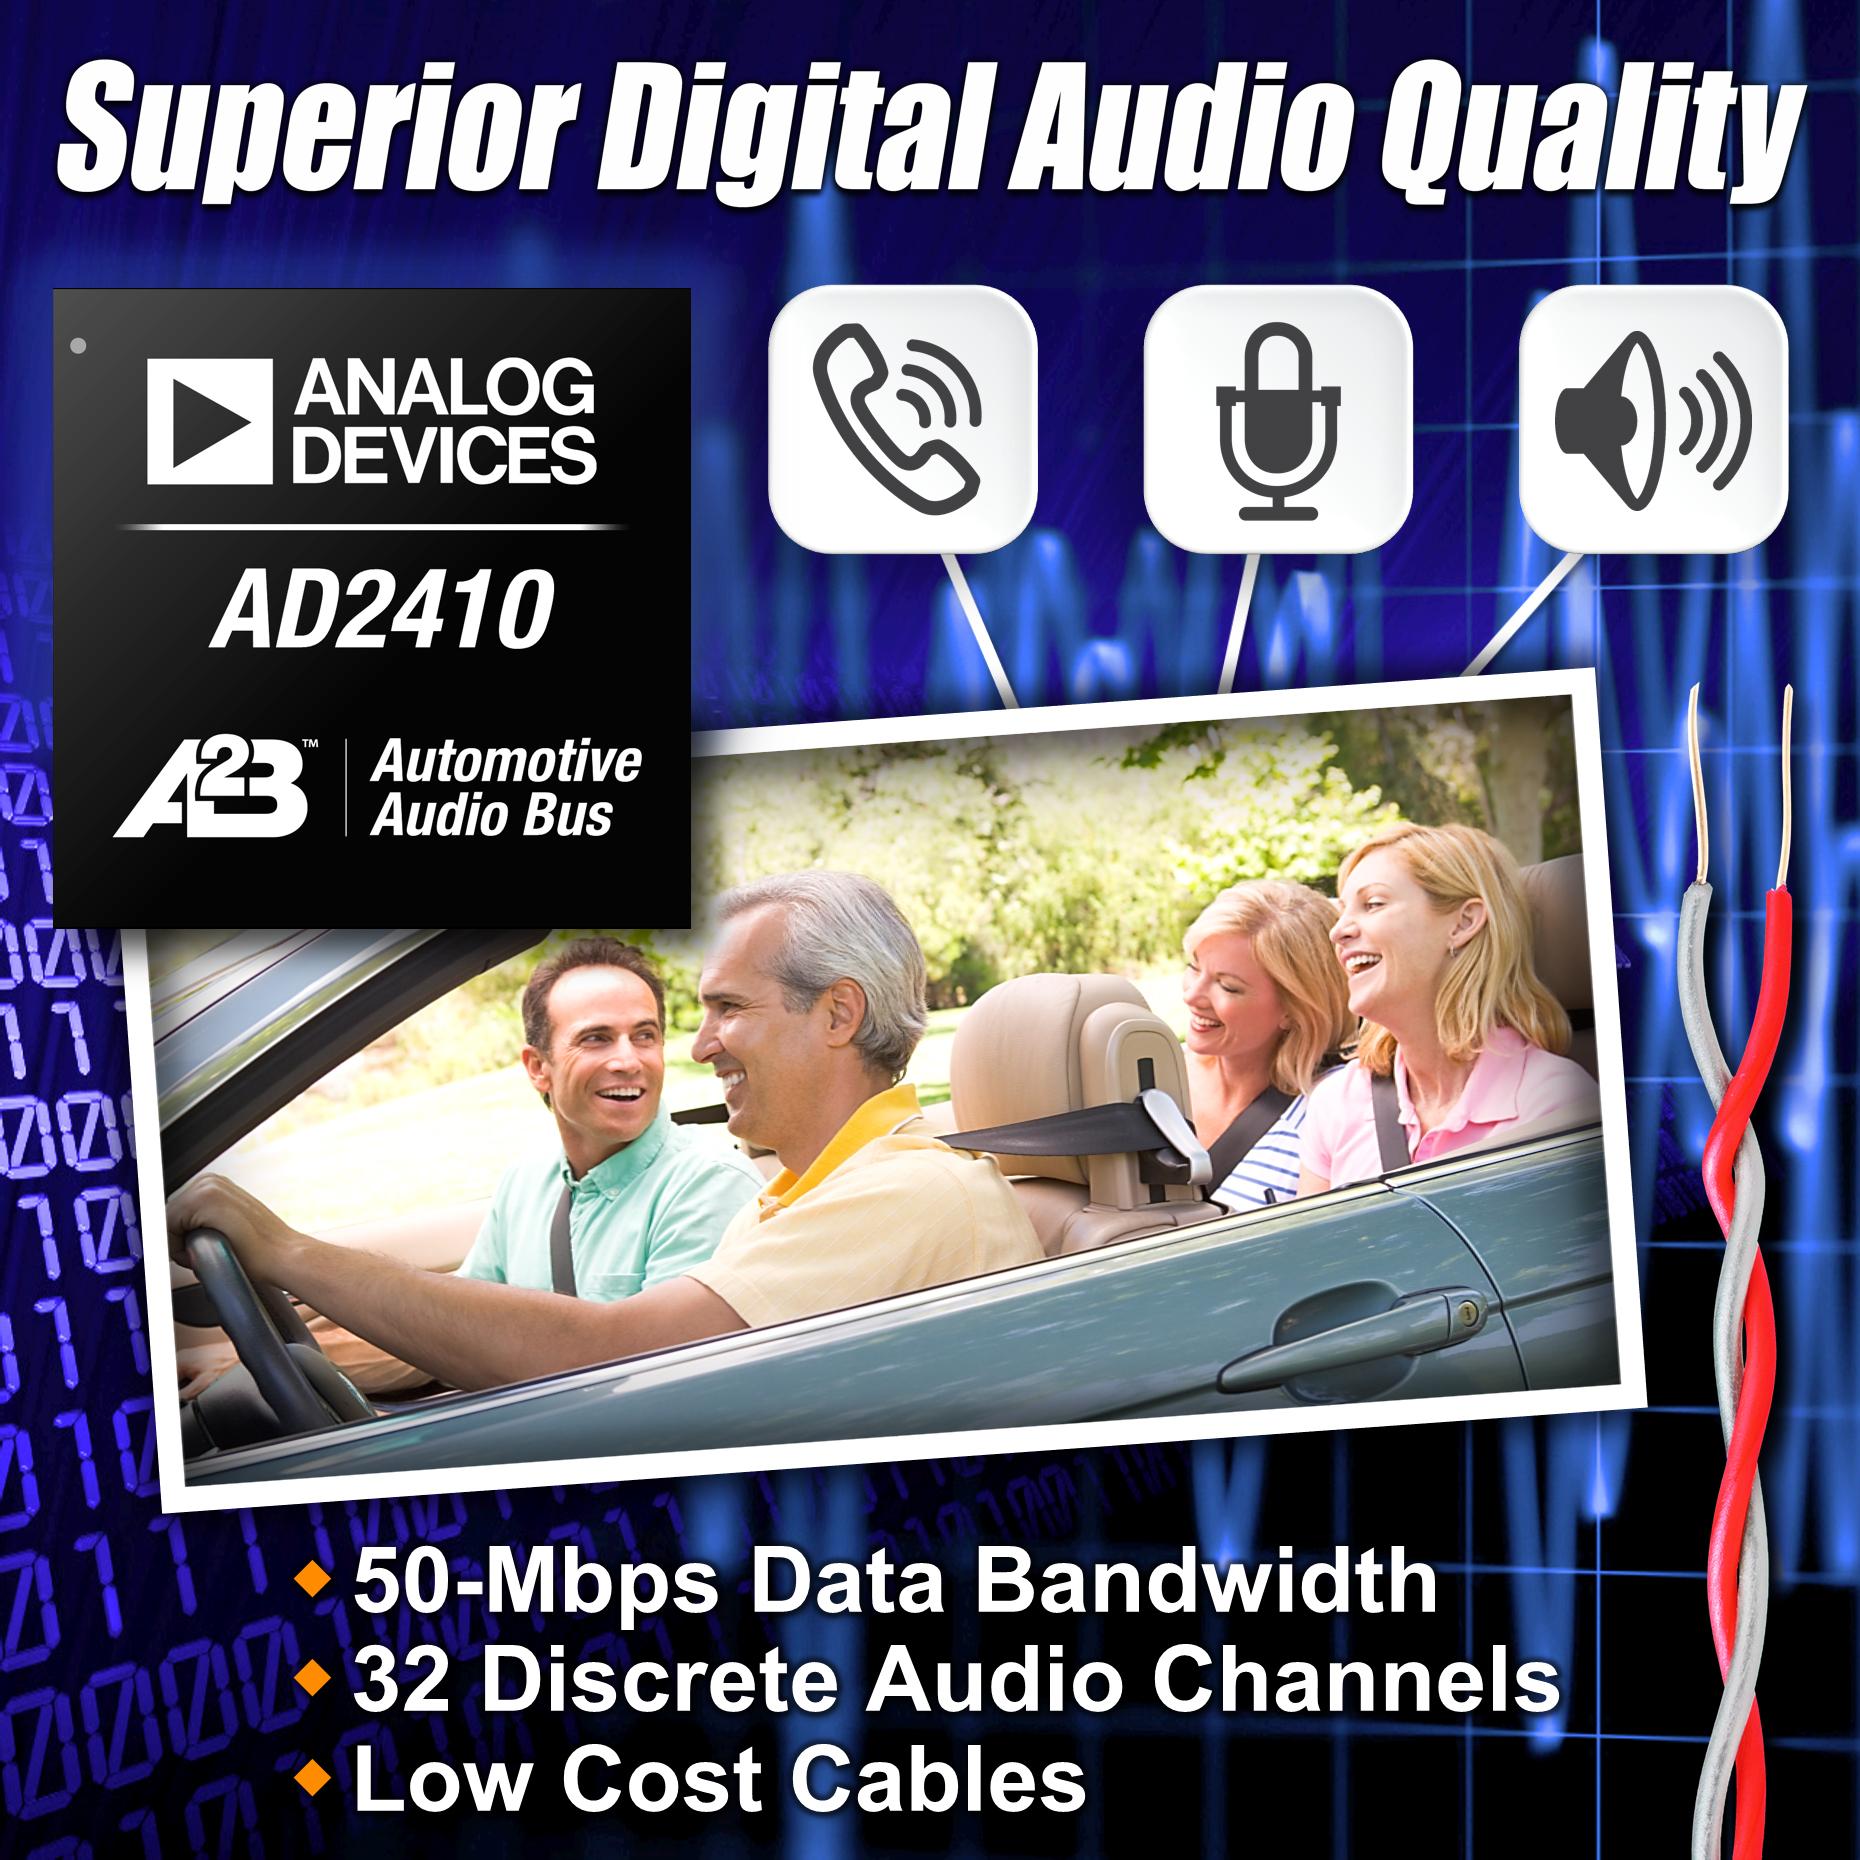 汽车电子总线技术实现出色的数字音频质量